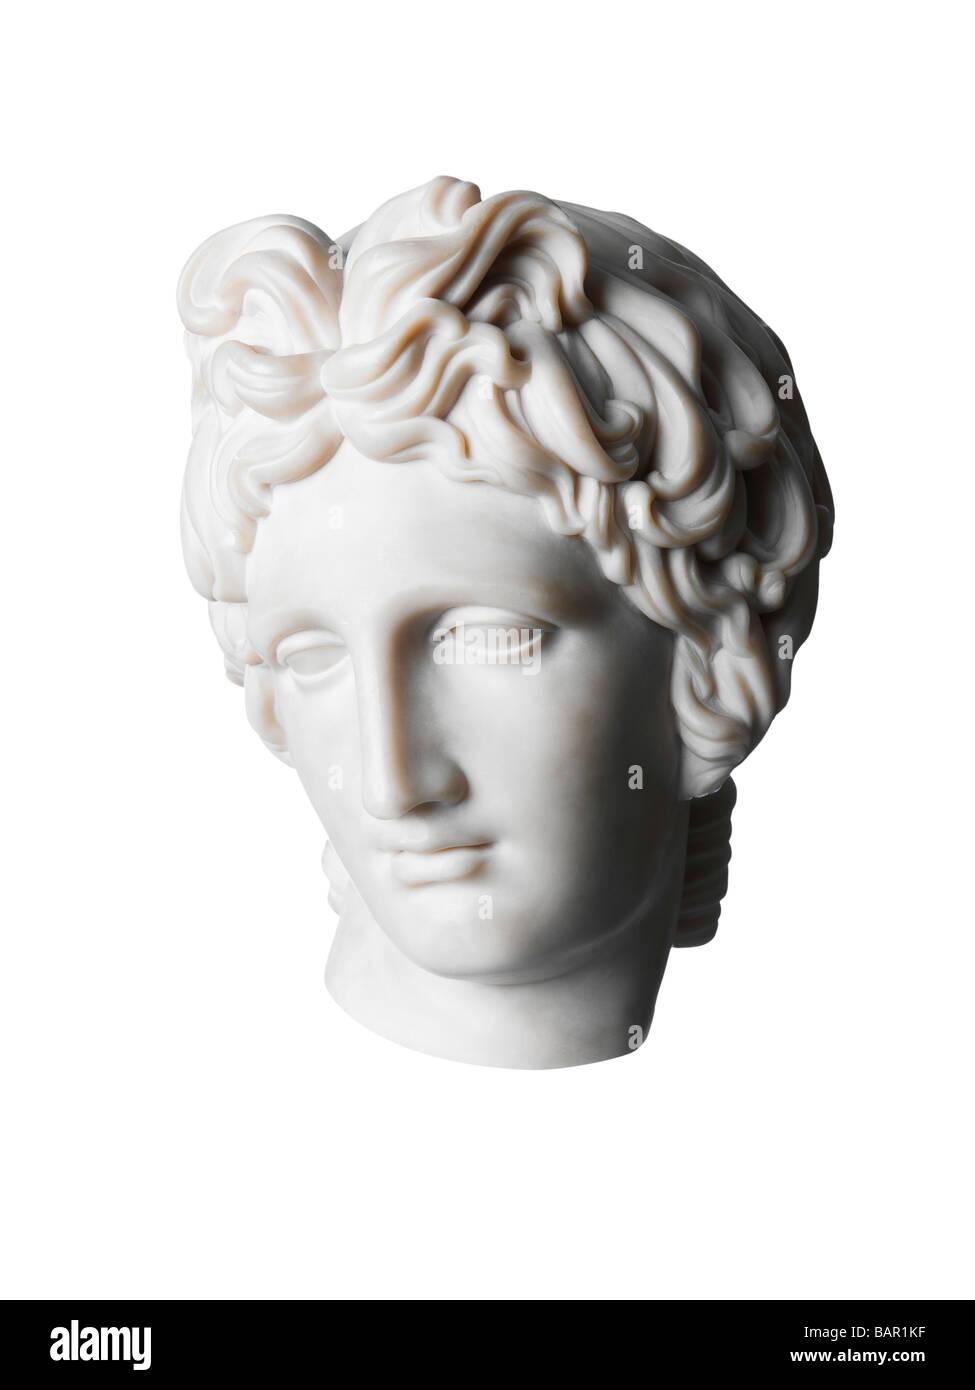 Tête de femme romaine sculpture en marbre classique Photo Stock